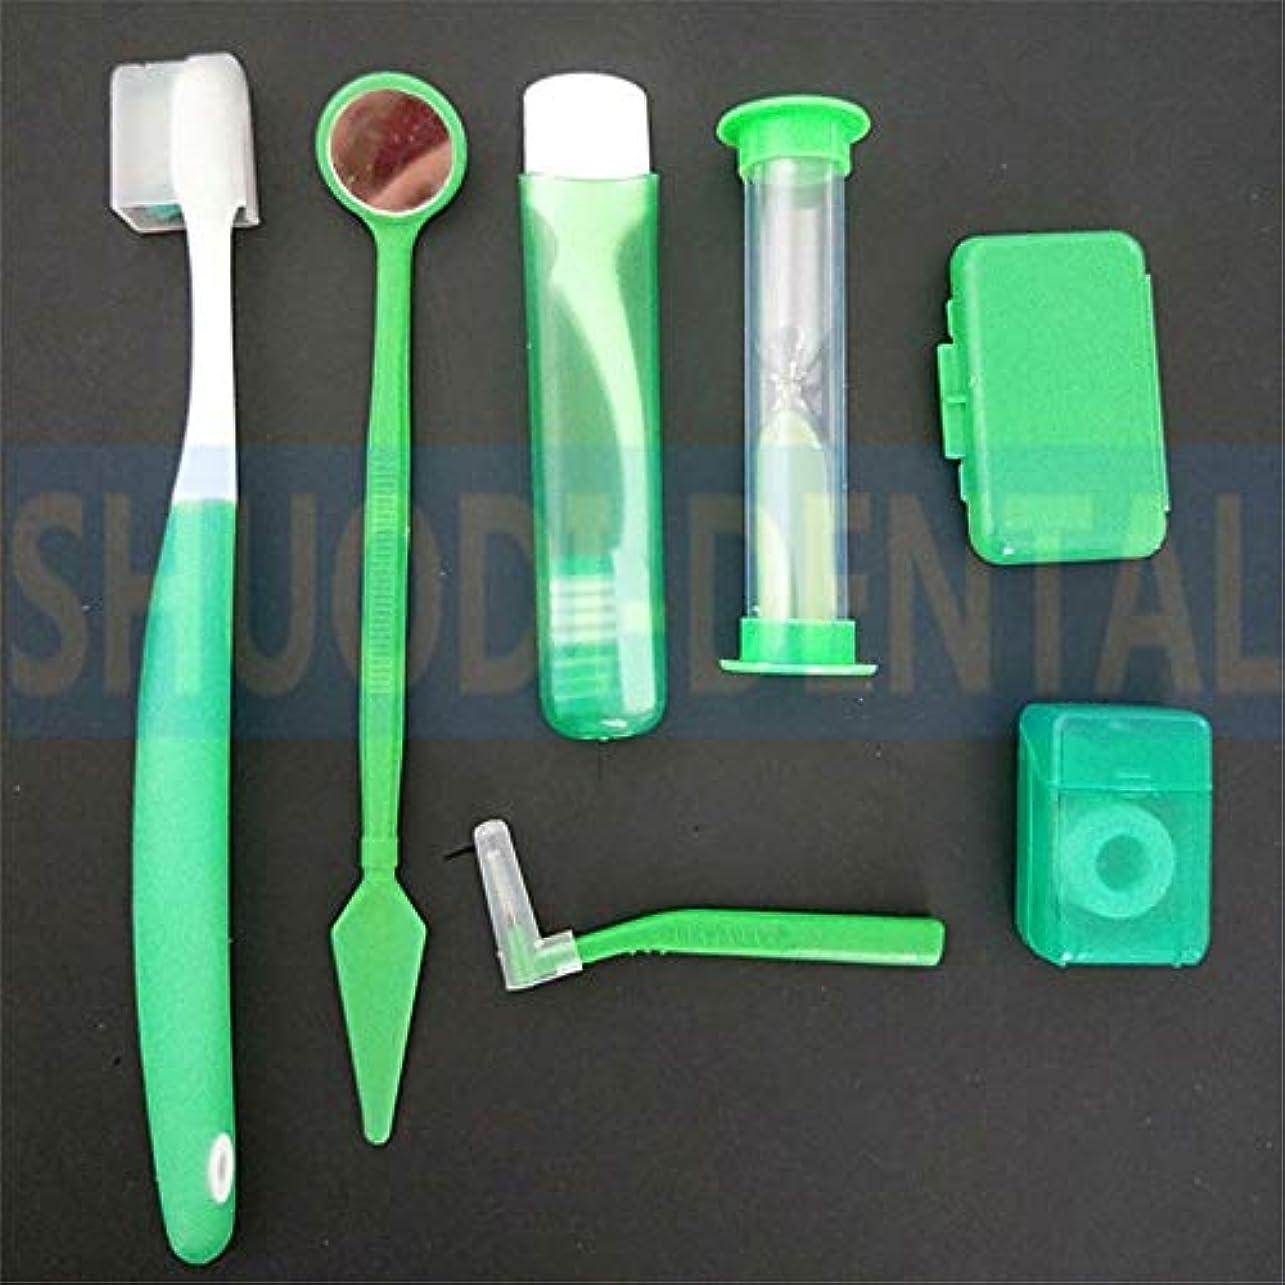 取り消す観客ZHQI-HEAL 7個/セット歯科用歯列キットオーラルクリーニングケアフロス糸口ミラーホワイトニングツール082 (色 : Green)